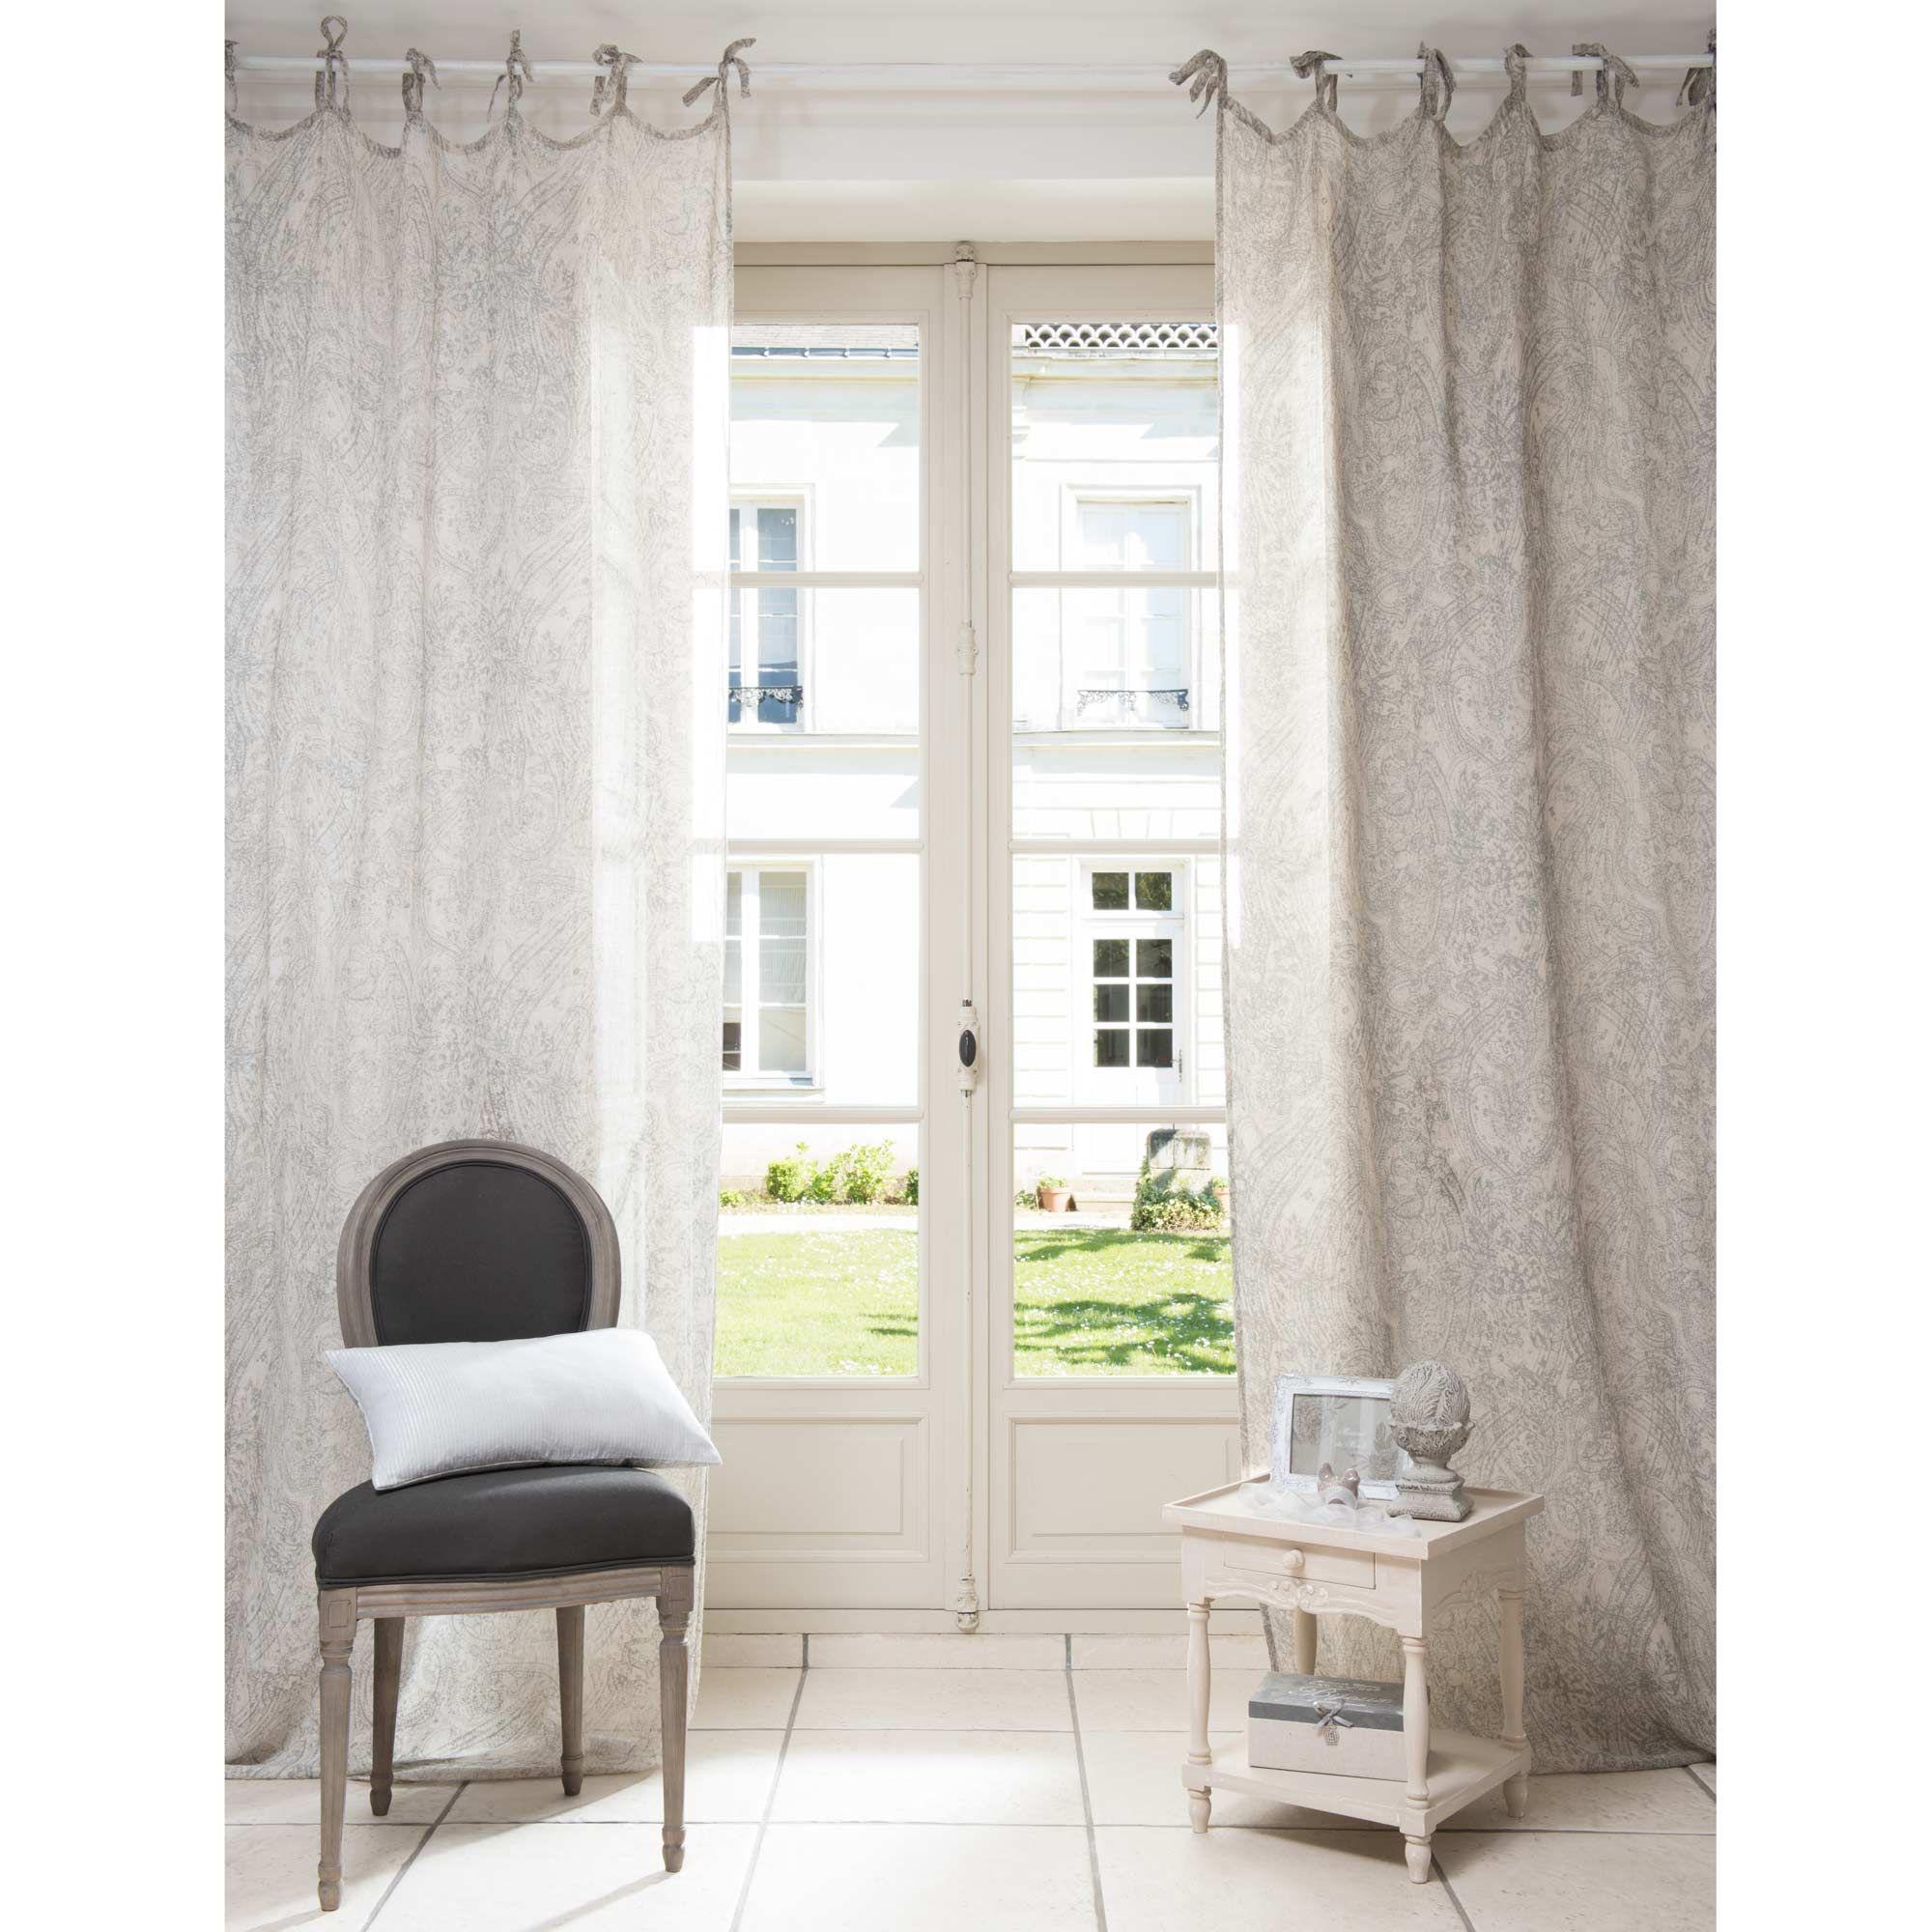 Maison Du Monde Tende.Mornay Linen Tie Top Curtain 105 X 270cm Maisons Du Monde Flat